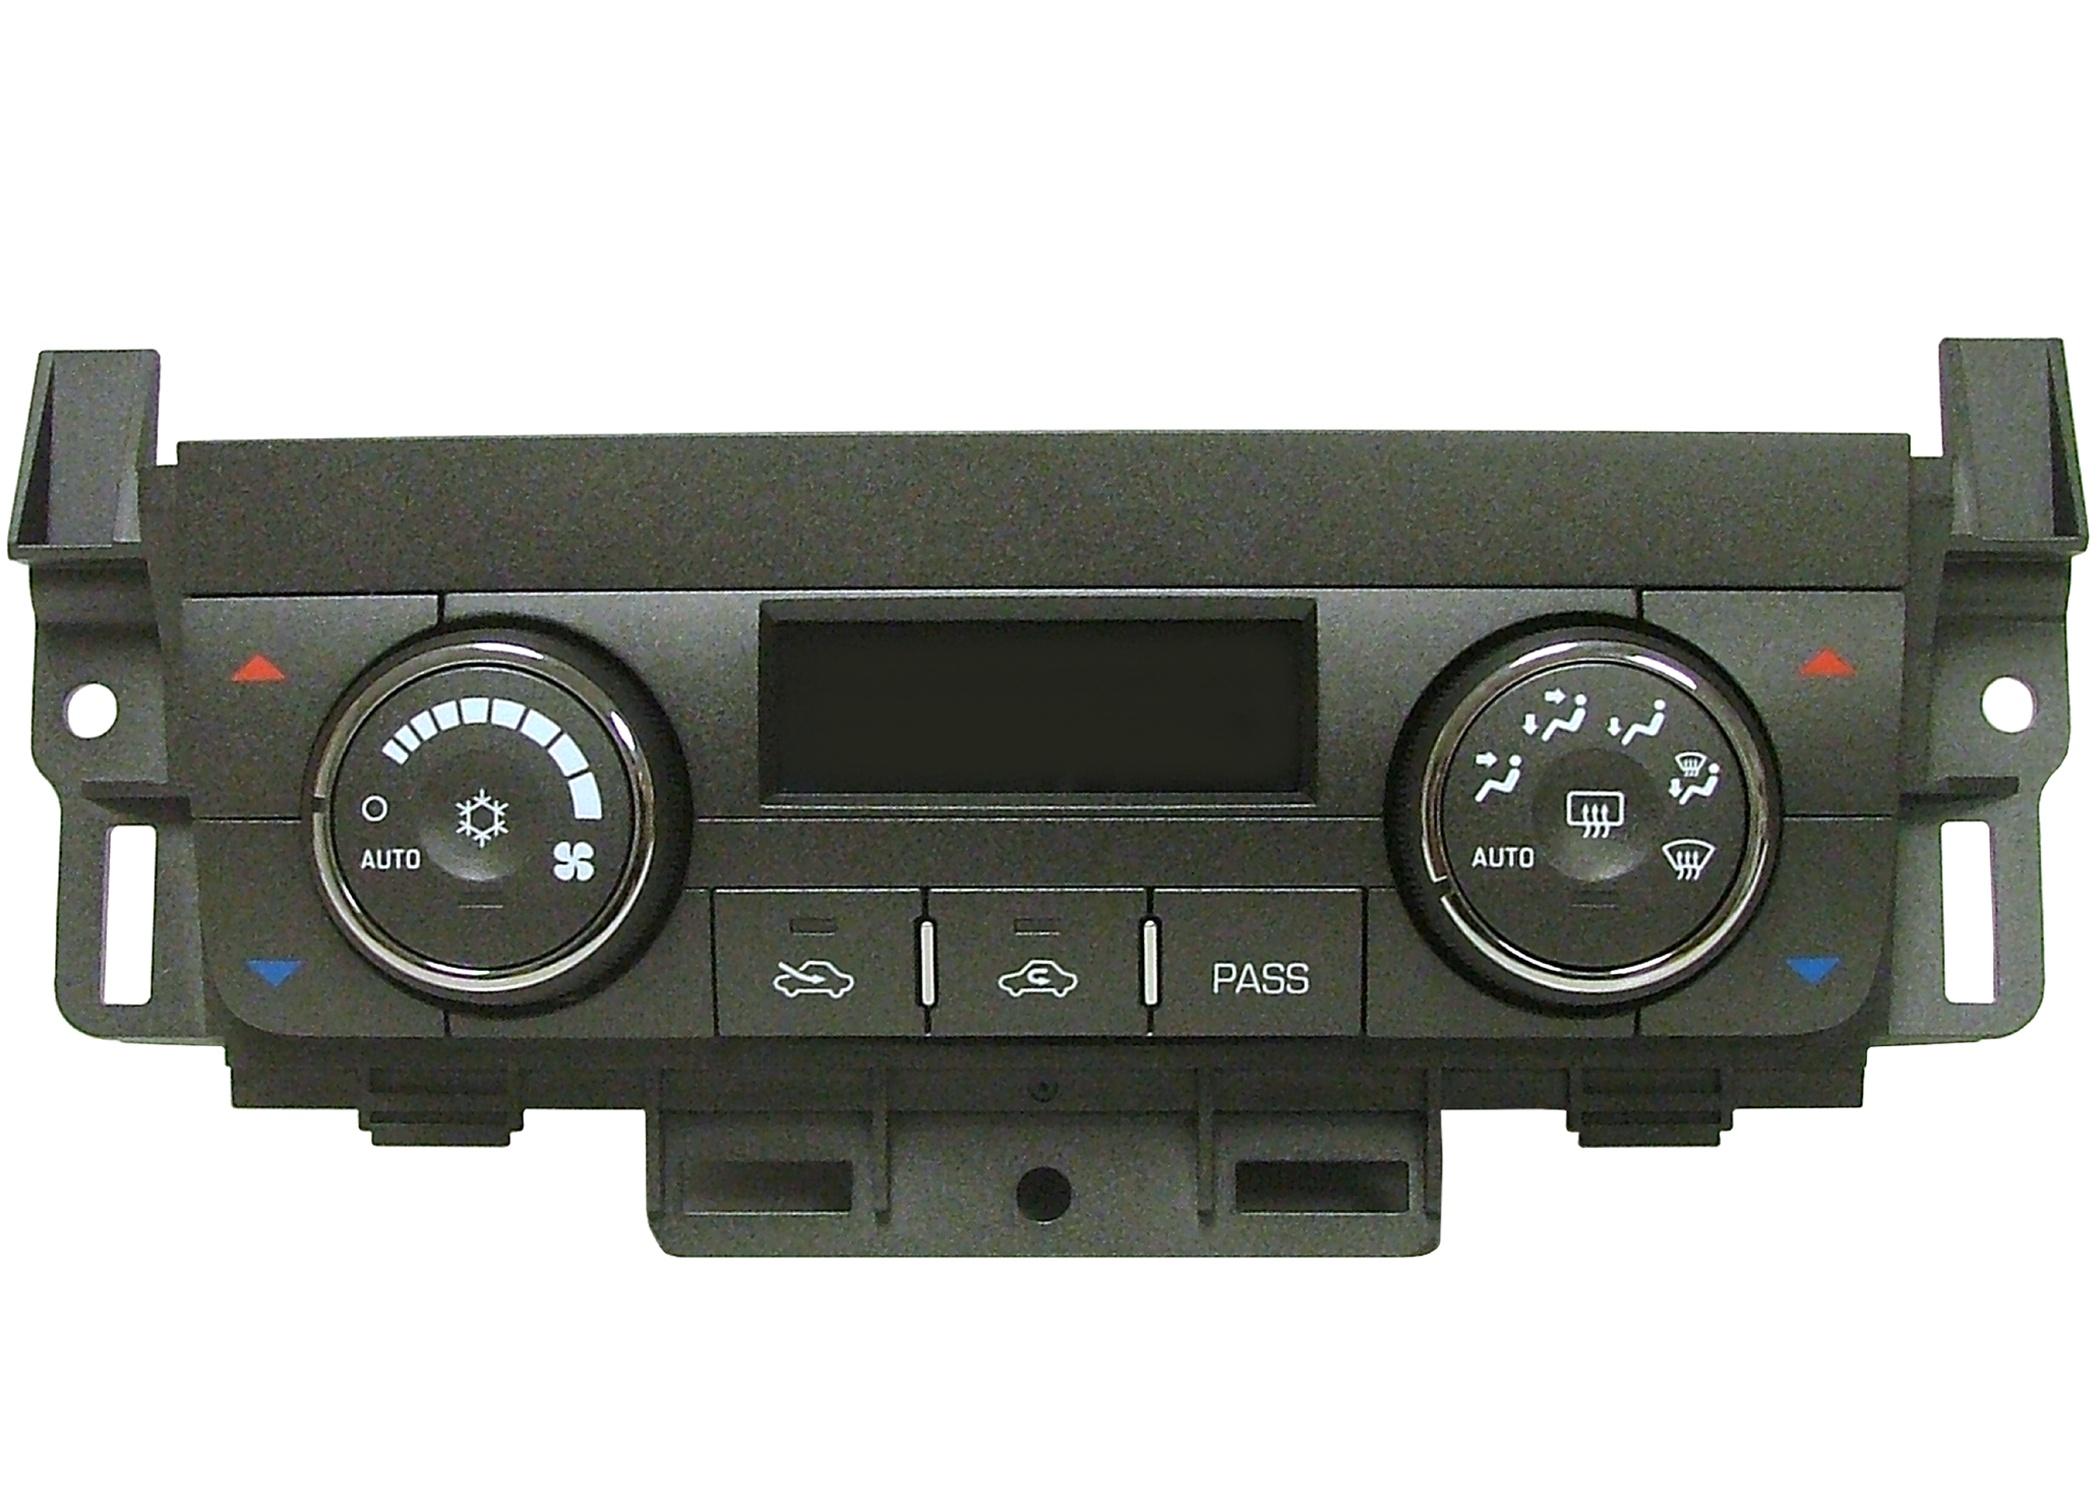 ACDELCO OE SERVICE - Heater & AC Control(w/Rear Window Defog Switch) - DCB 15-73612